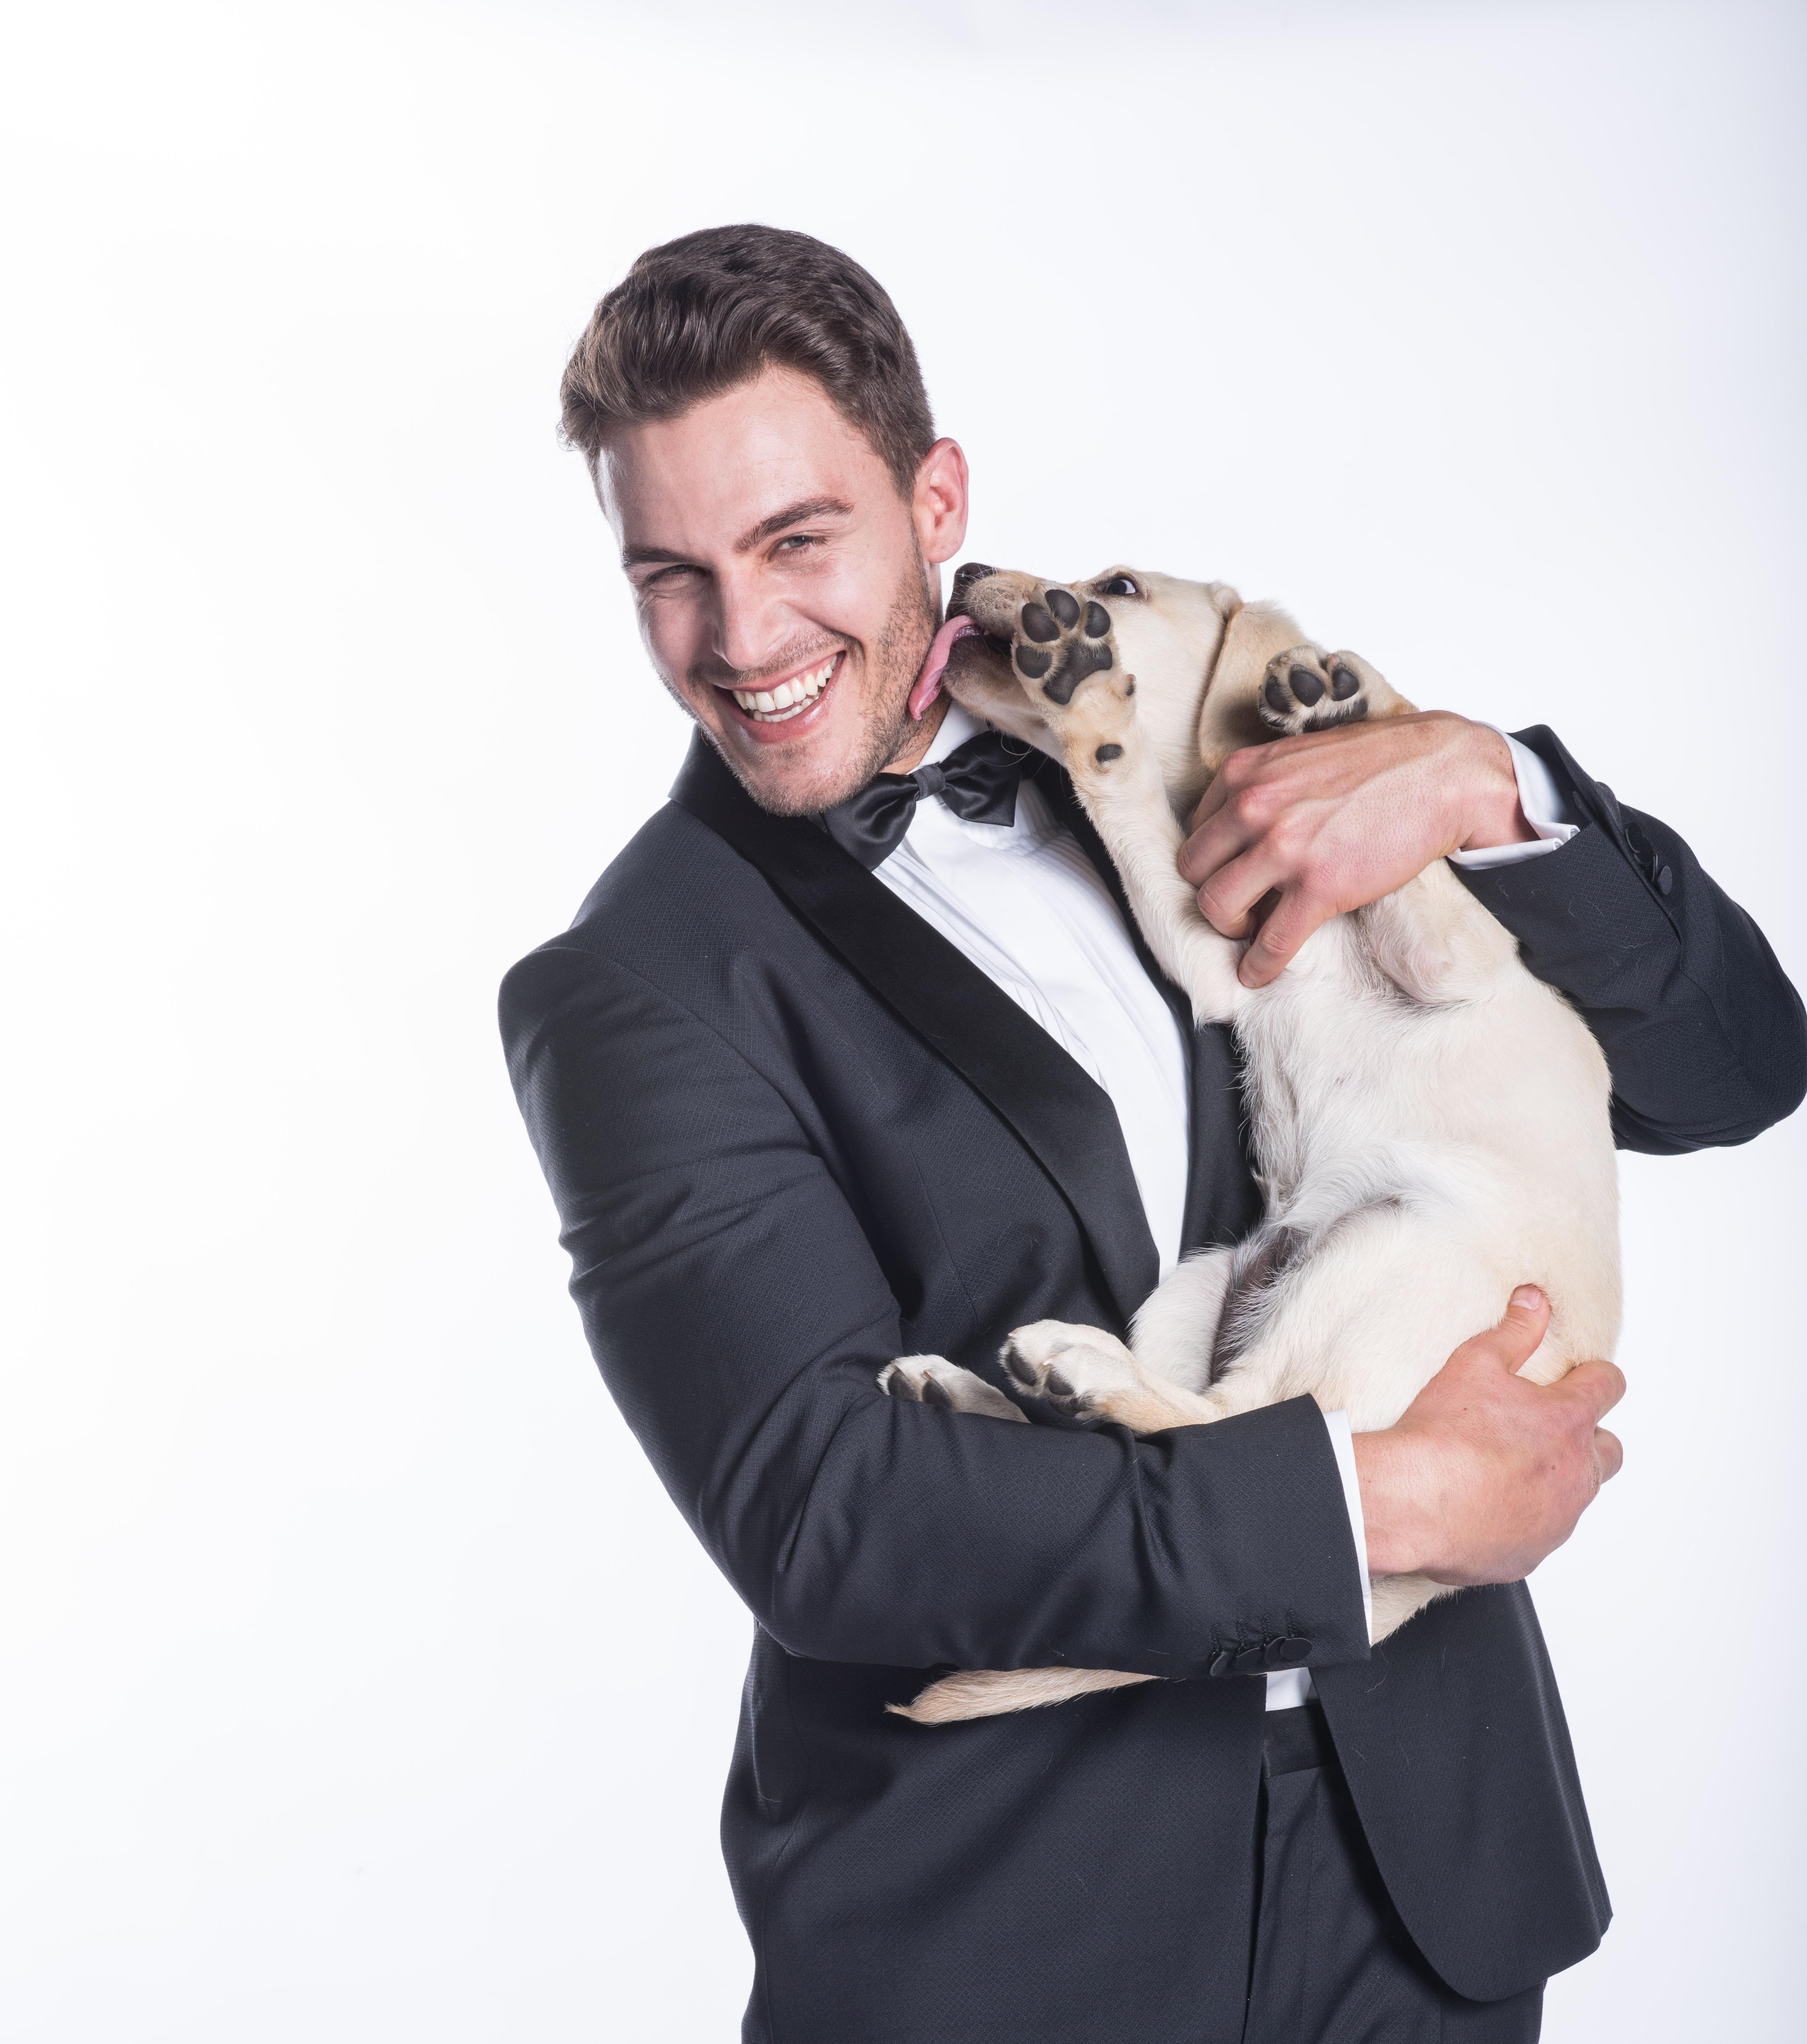 dotsure.co.za unleashes true love with The Bachelor SA   dotsure.co.za